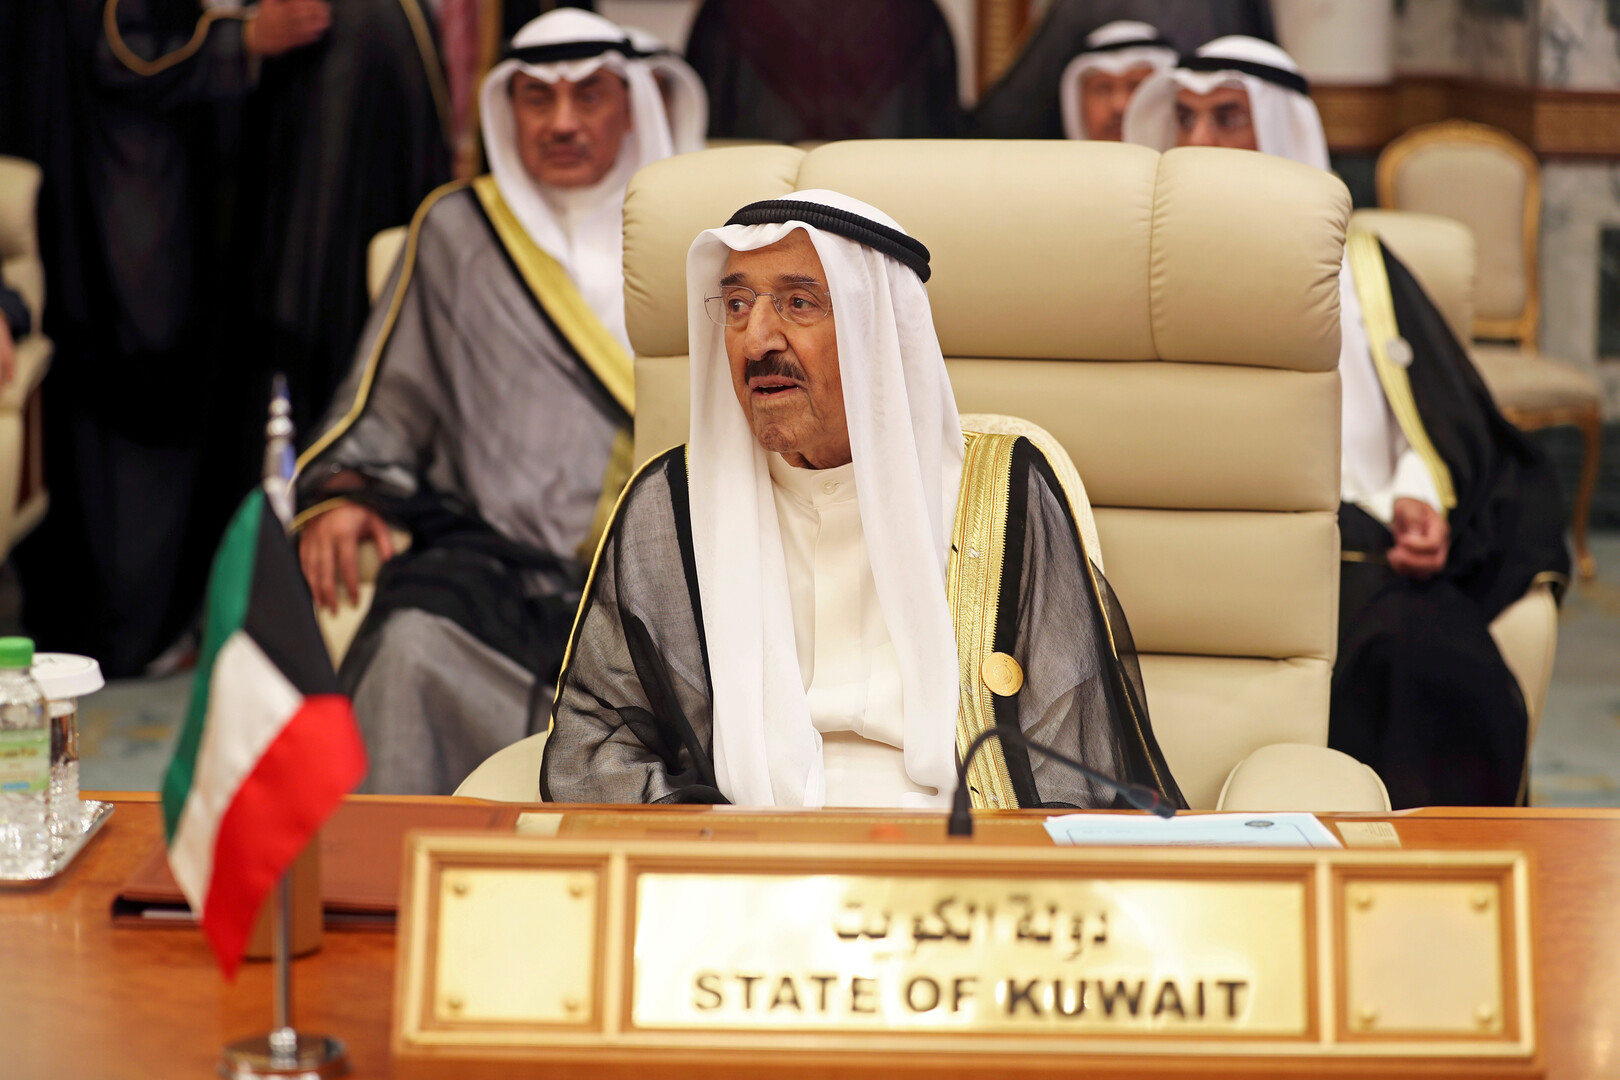 أمير الكويت يغادر المستشفى بعد إجراء فحوص طبية مطمئنة